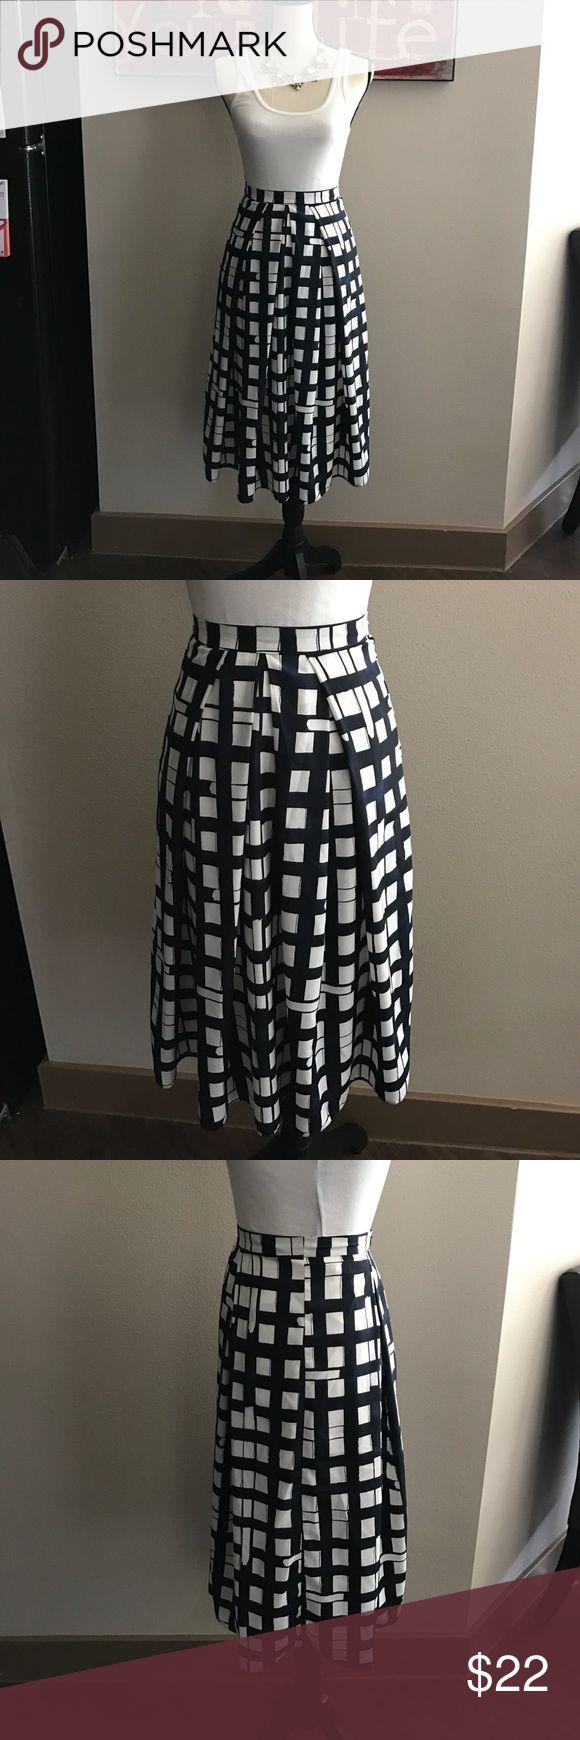 ASOS skirt Blue & white checkered midi skirt, has back zipper! ASOS Skirts Midi